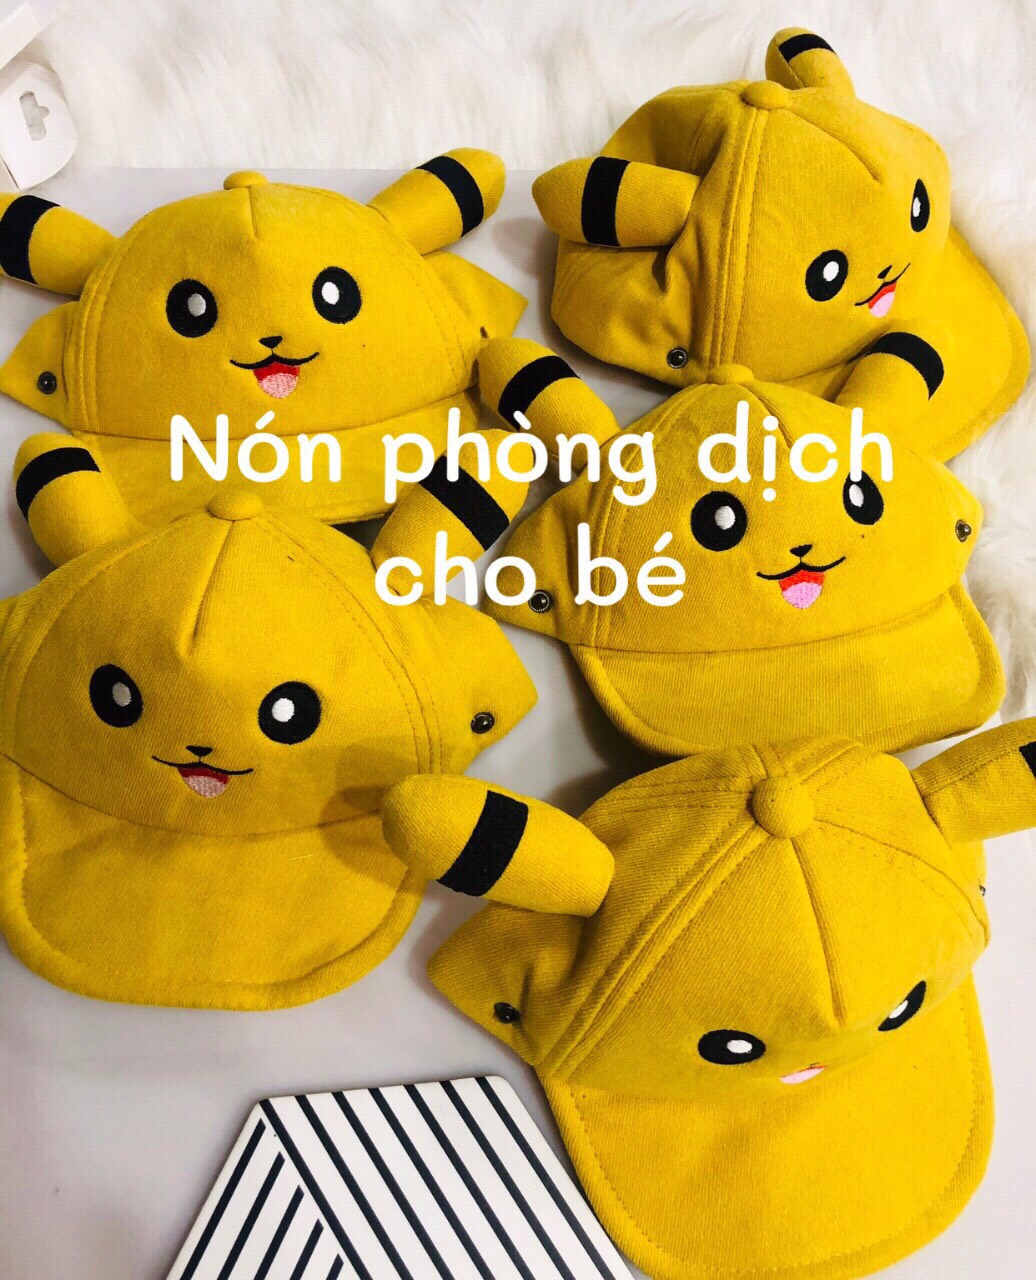 Mũ Chống Dịch Cho Bé